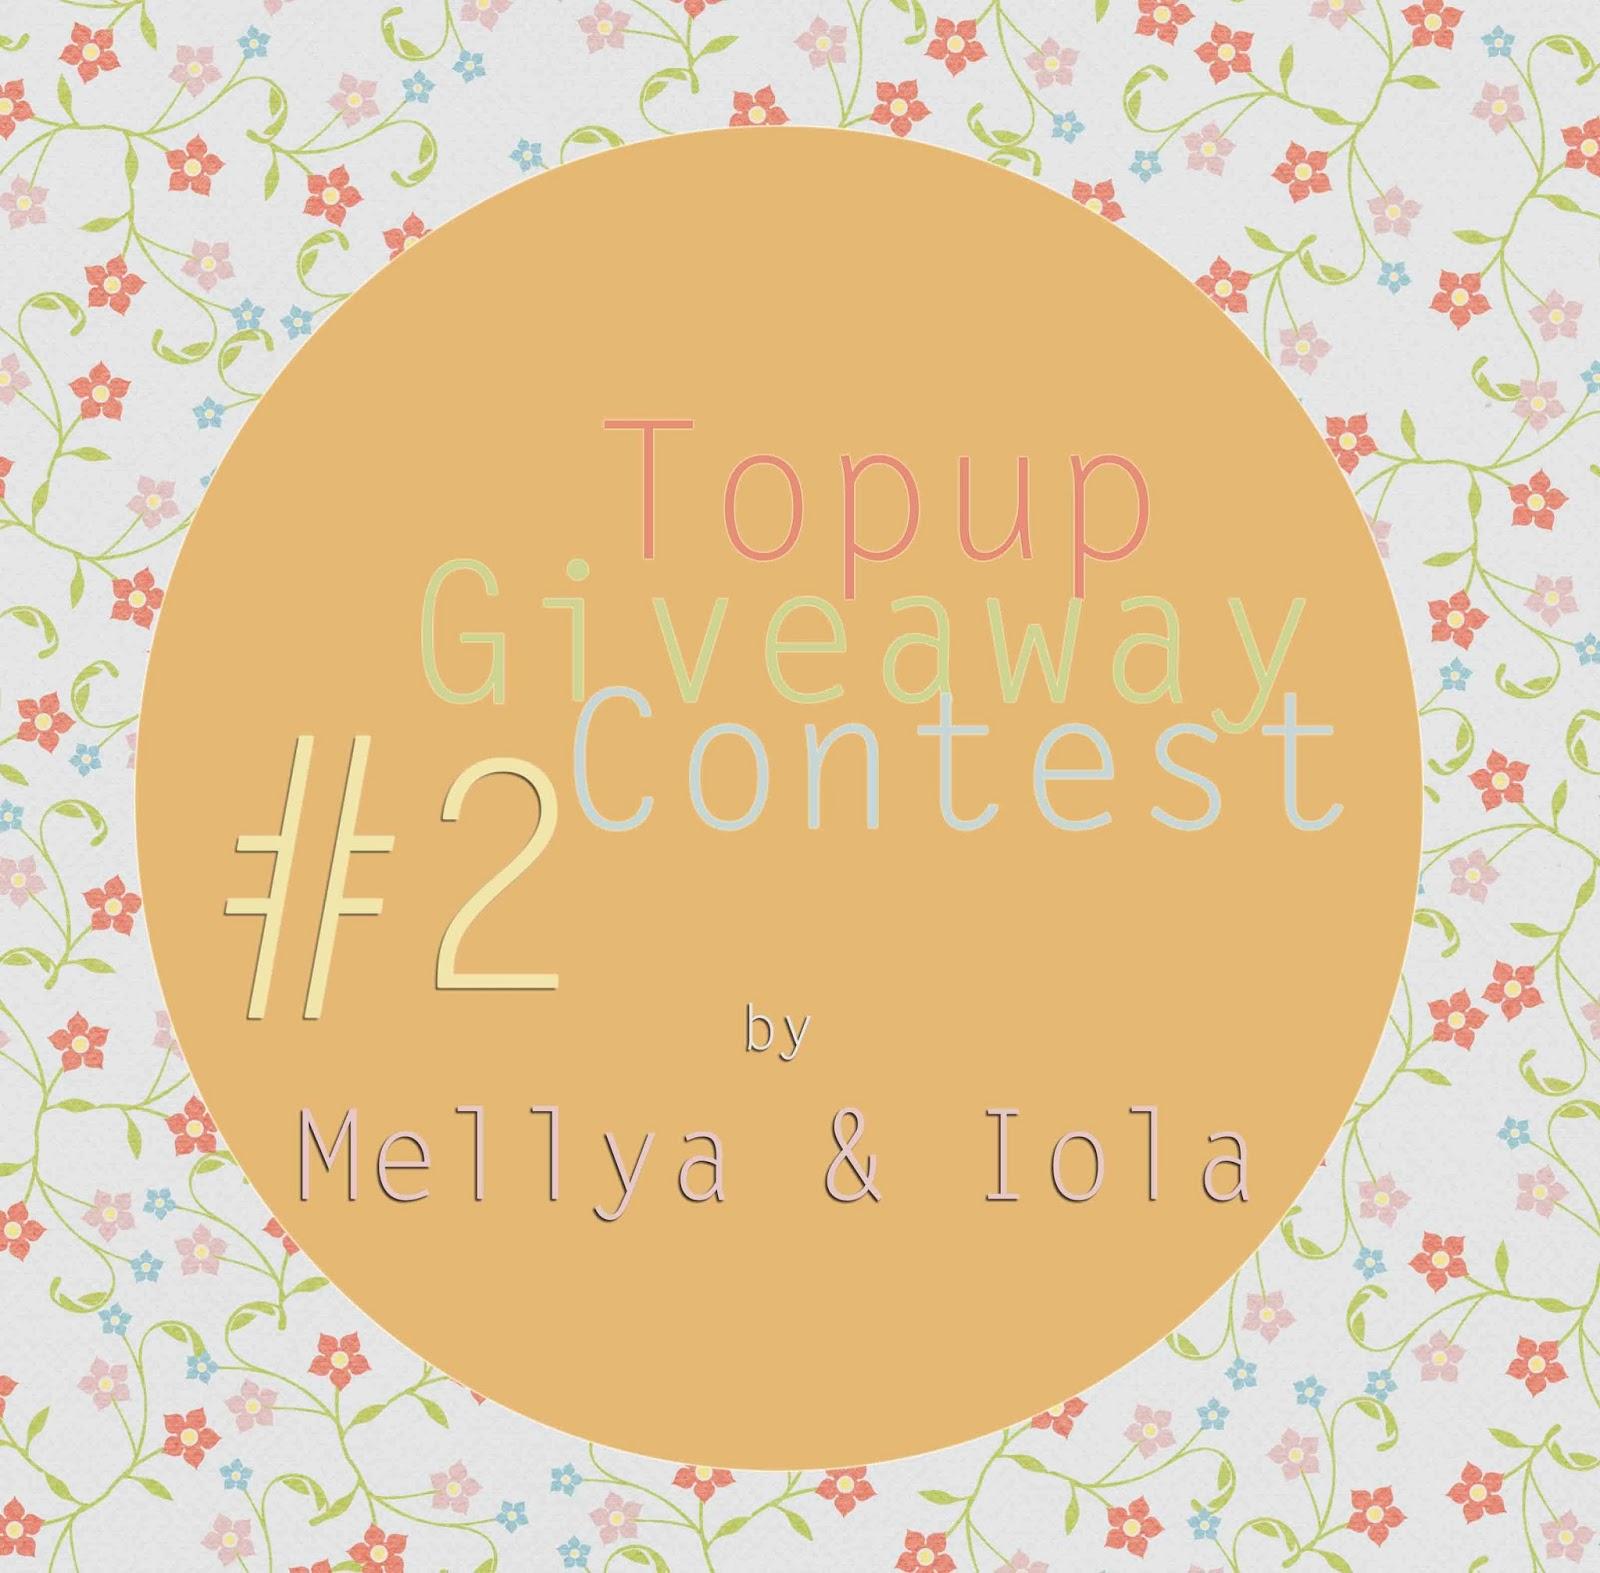 http://dumtaradumdum.blogspot.com/2014/02/2-topup-giveaway-contest.html